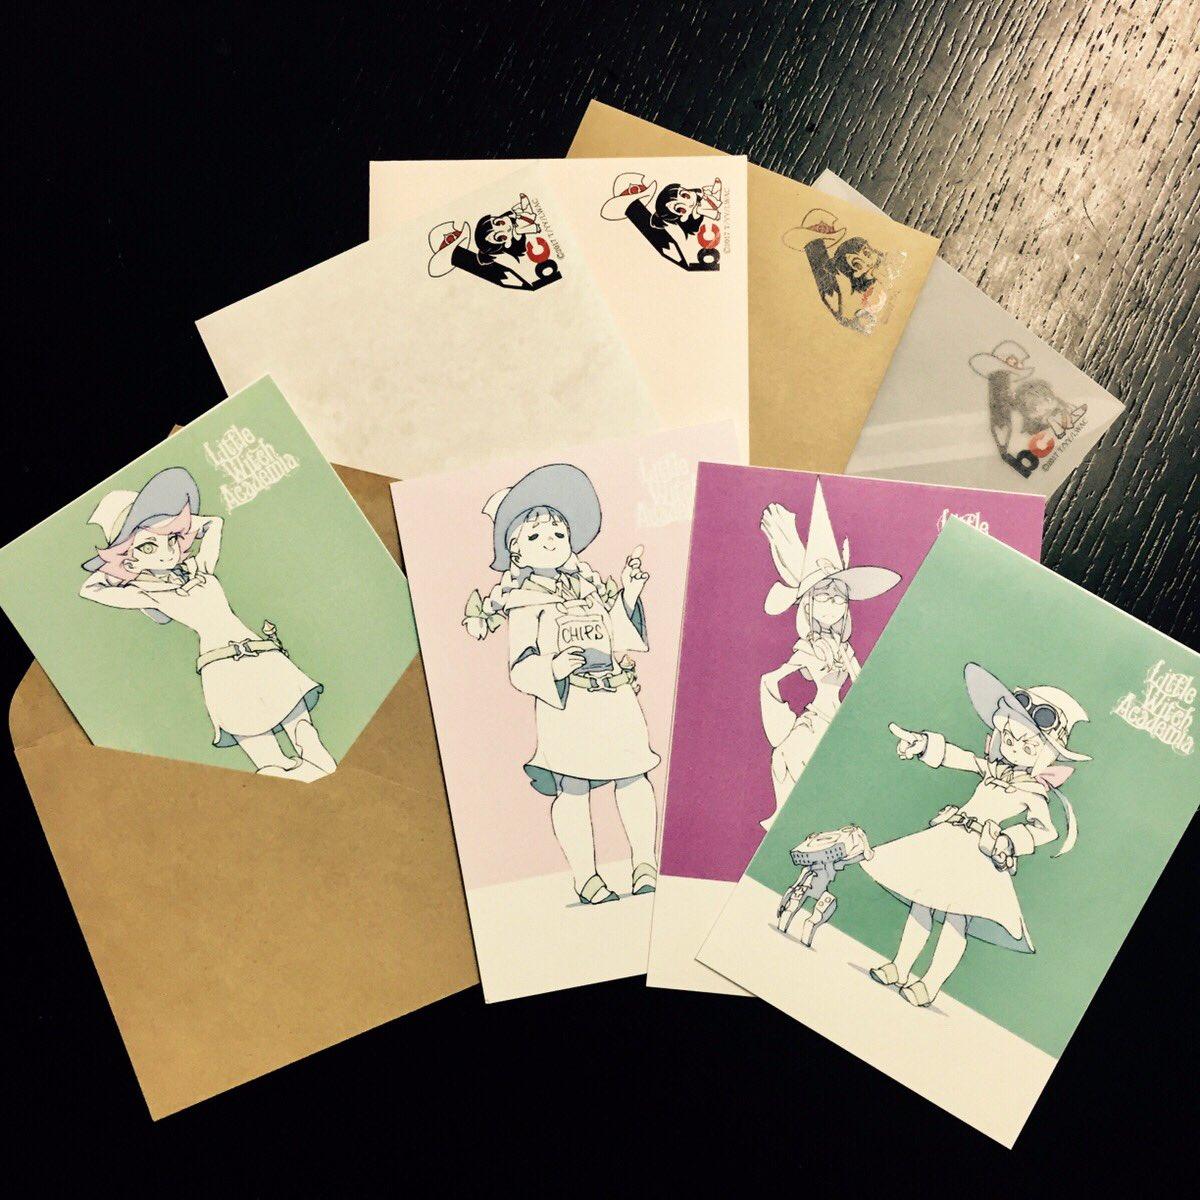 「リトルウィッチアカデミア×文房具カフェ」オリジナルポストカード&封筒ができました! 個々のキャラクターを生かし